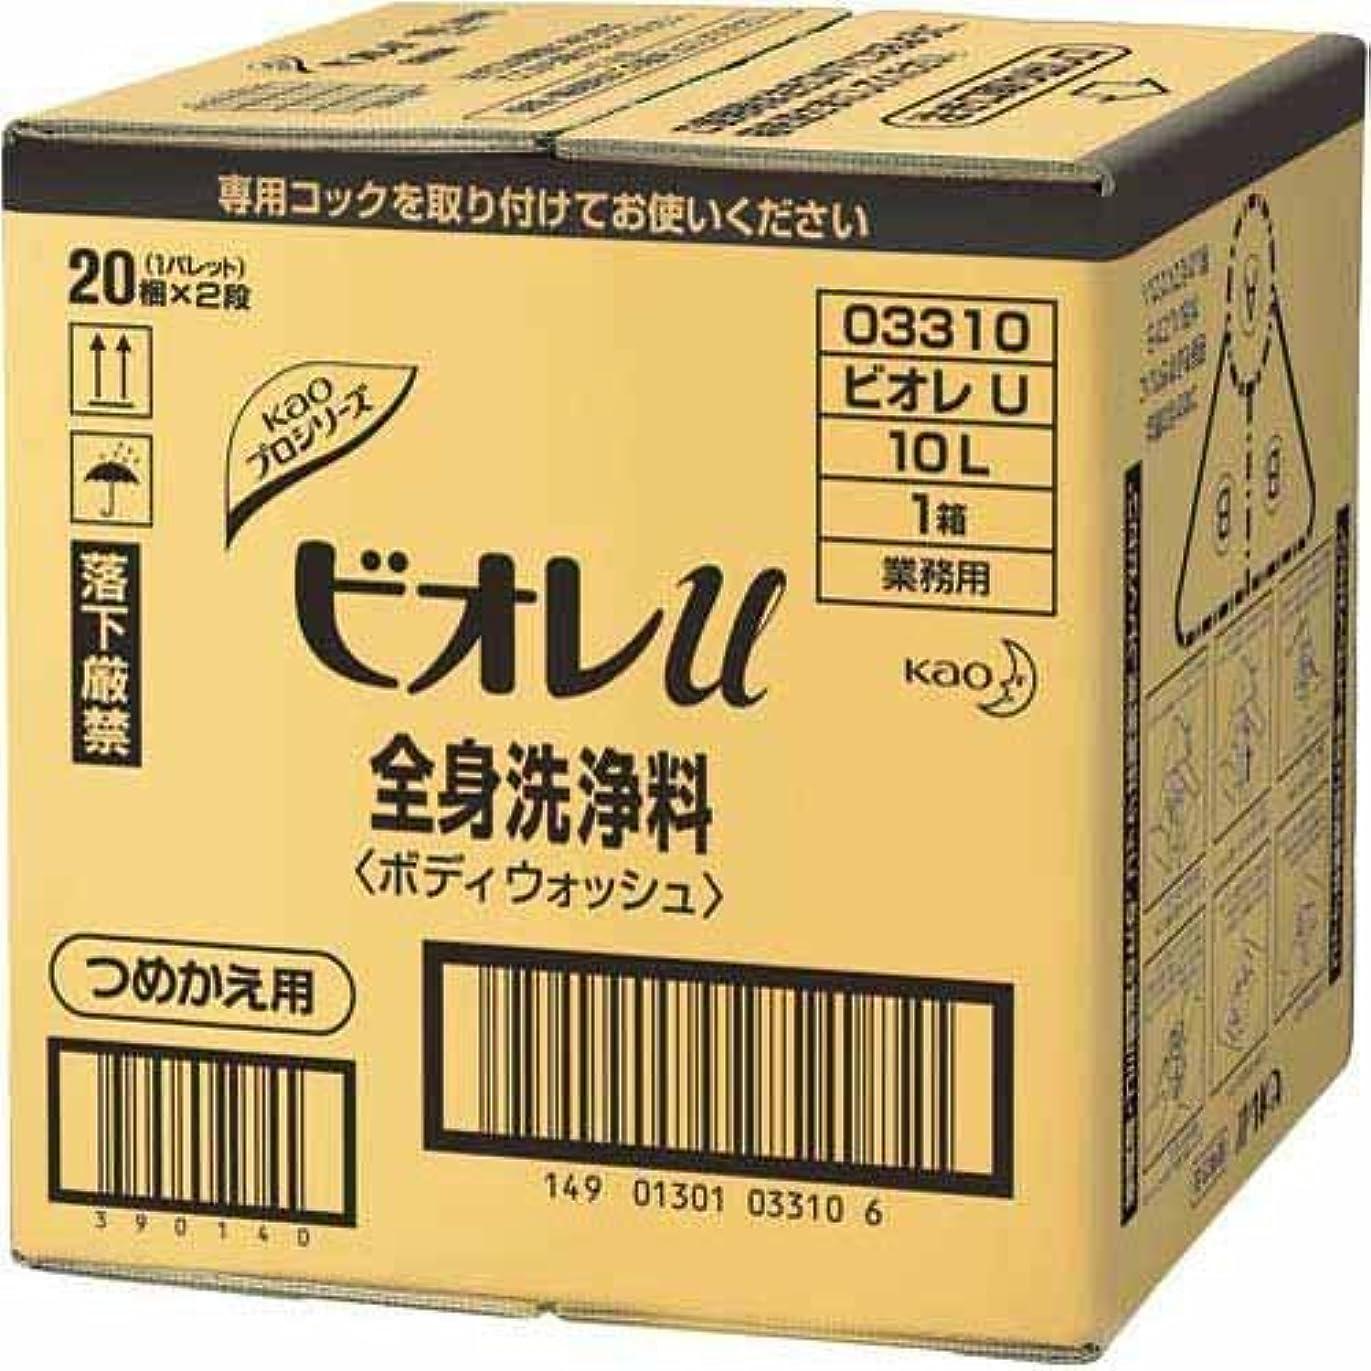 インストラクターブラストハチ花王 ビオレU 業務用 10L 033109 【まとめ買い2個セット】